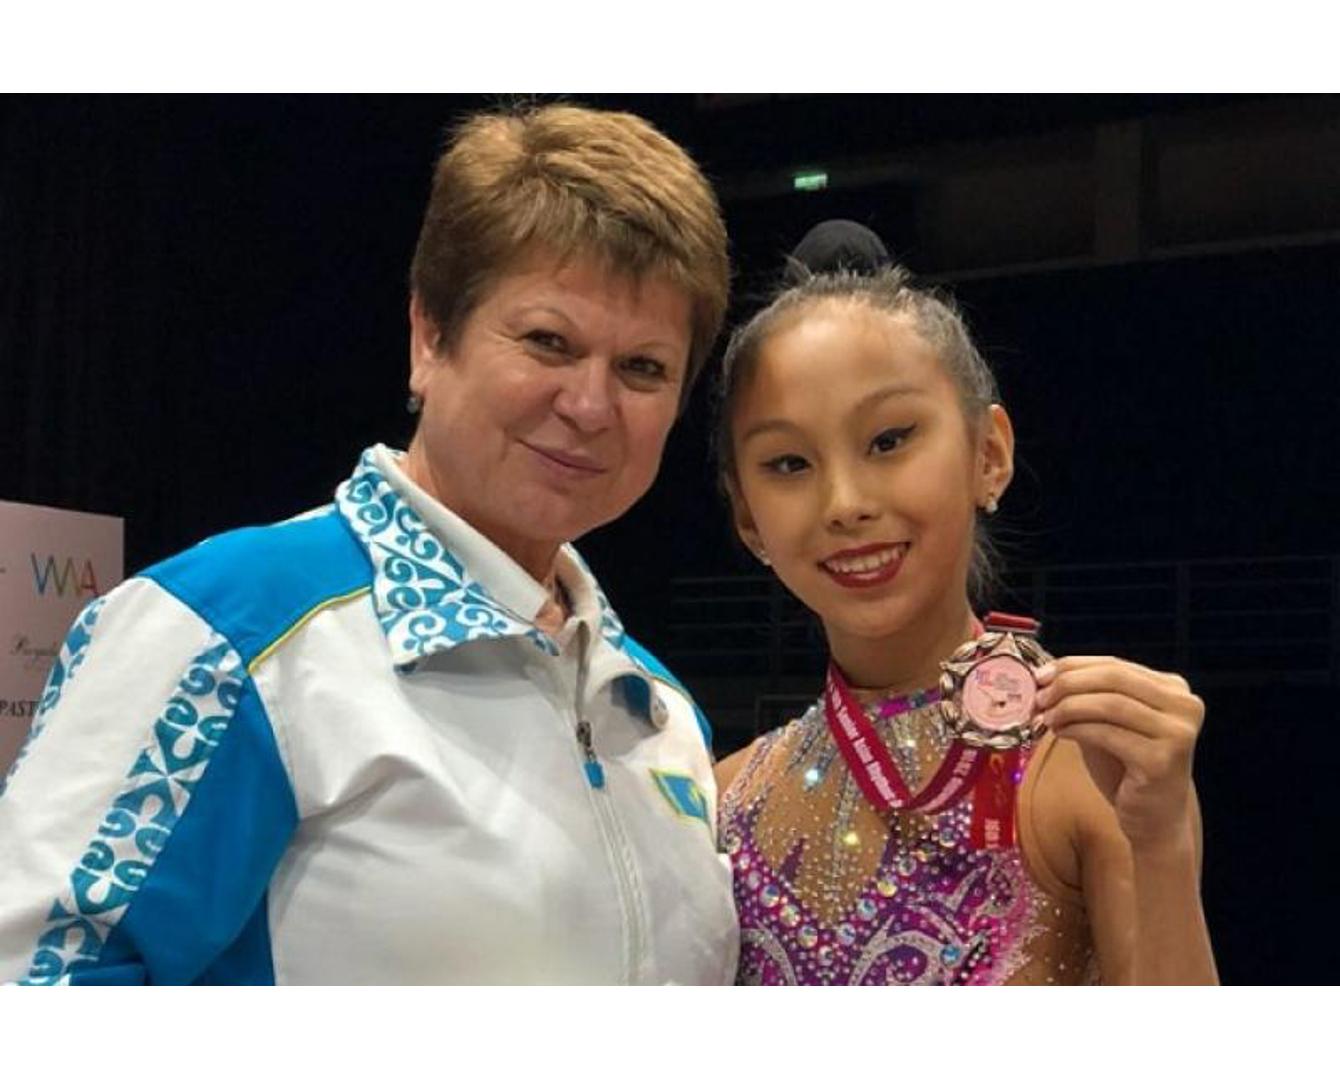 Қазақстандық гимнаст қыздар Азия чемпионатында 17 медаль алды